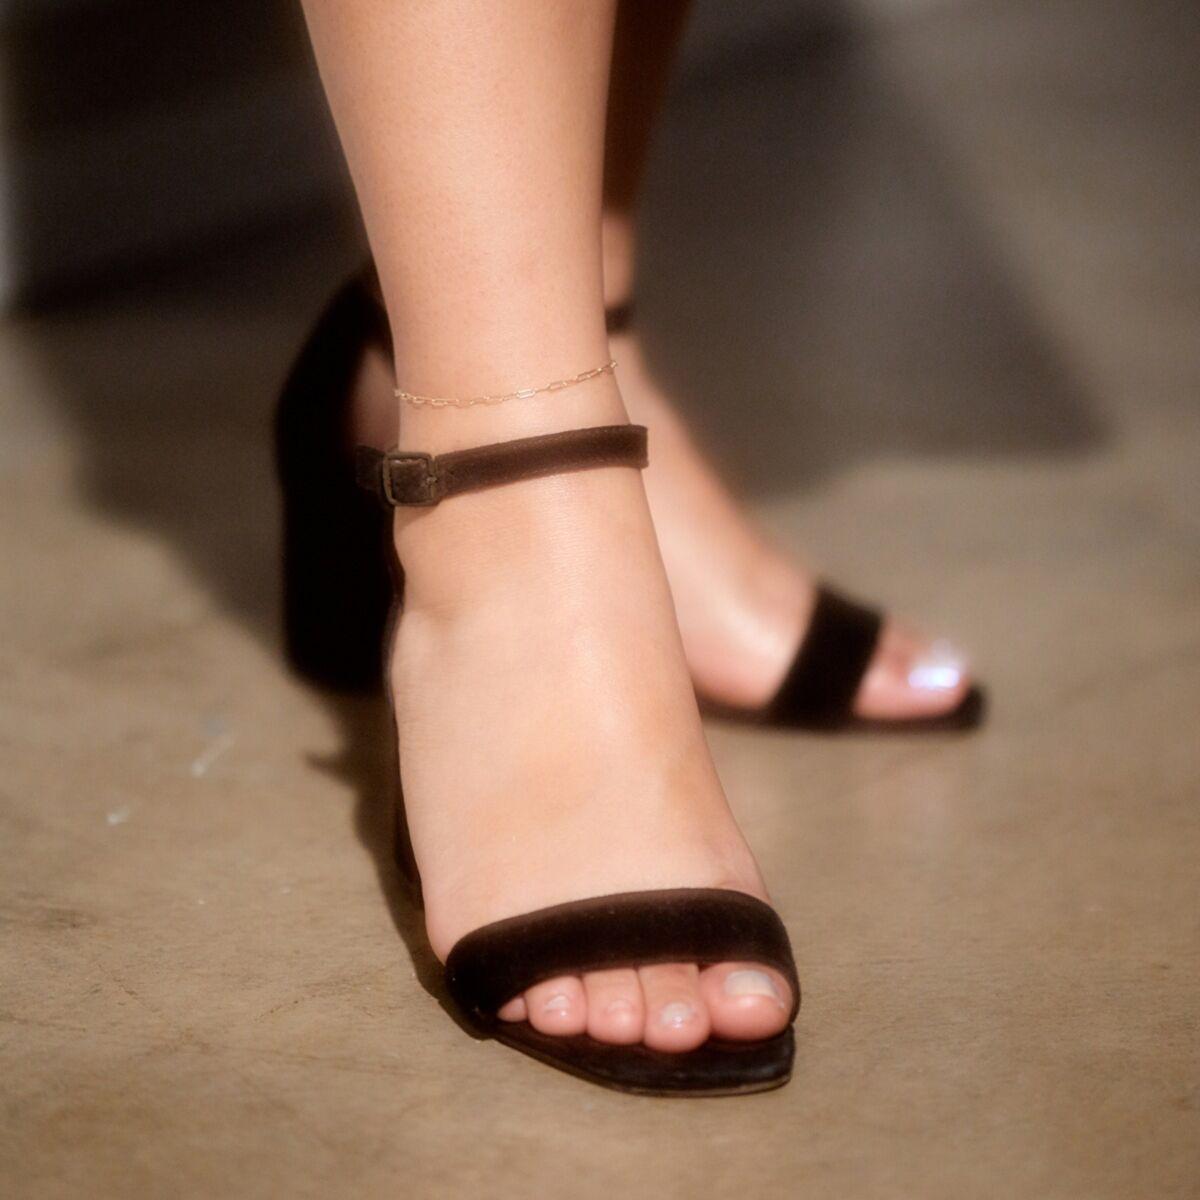 1976 Anklet image